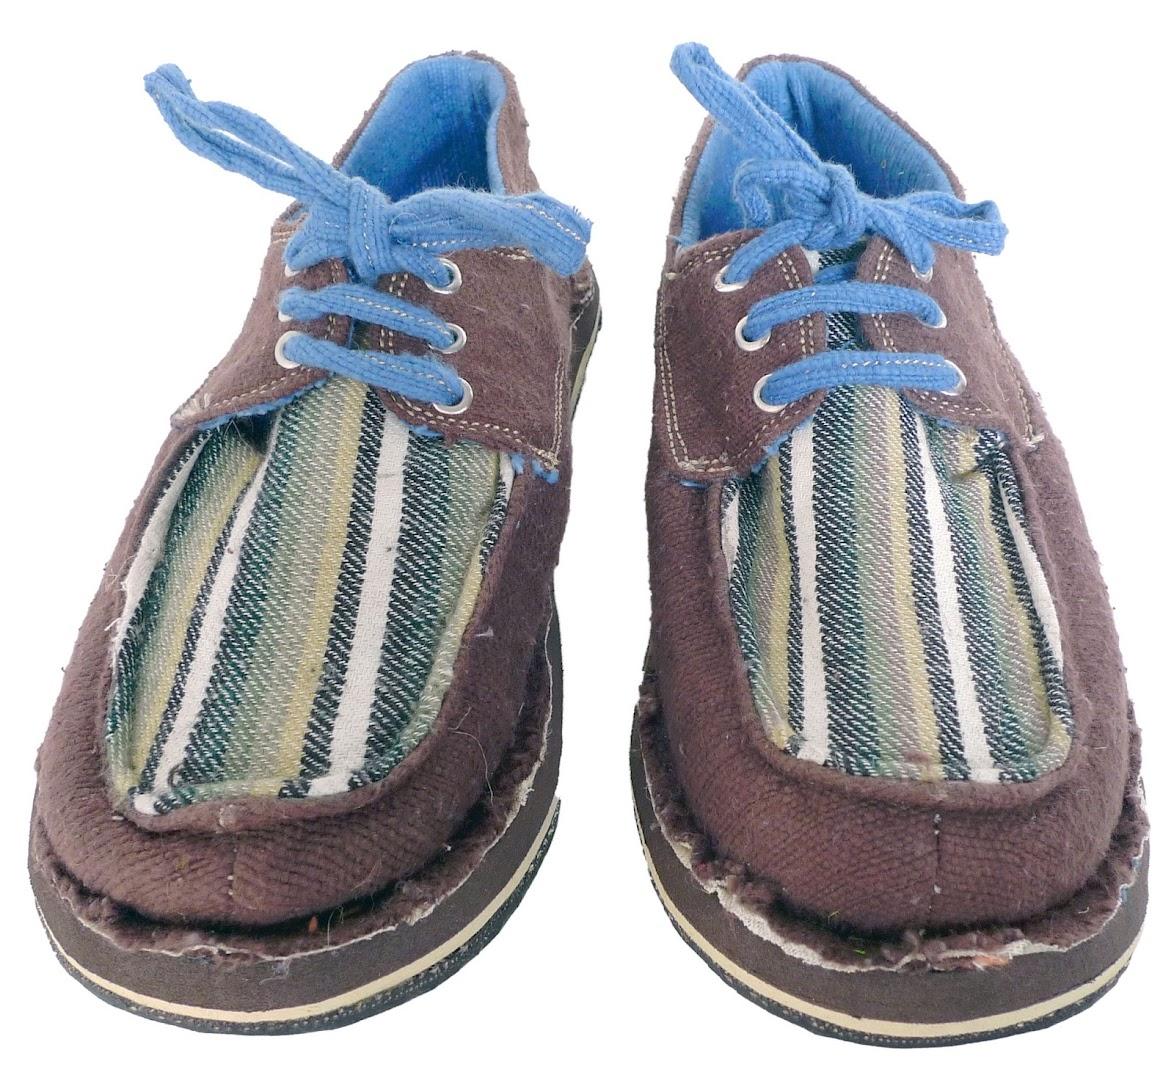 # soleRebels 非洲色彩圖騰帆船鞋:阿比西尼亞麻編織系列! 5